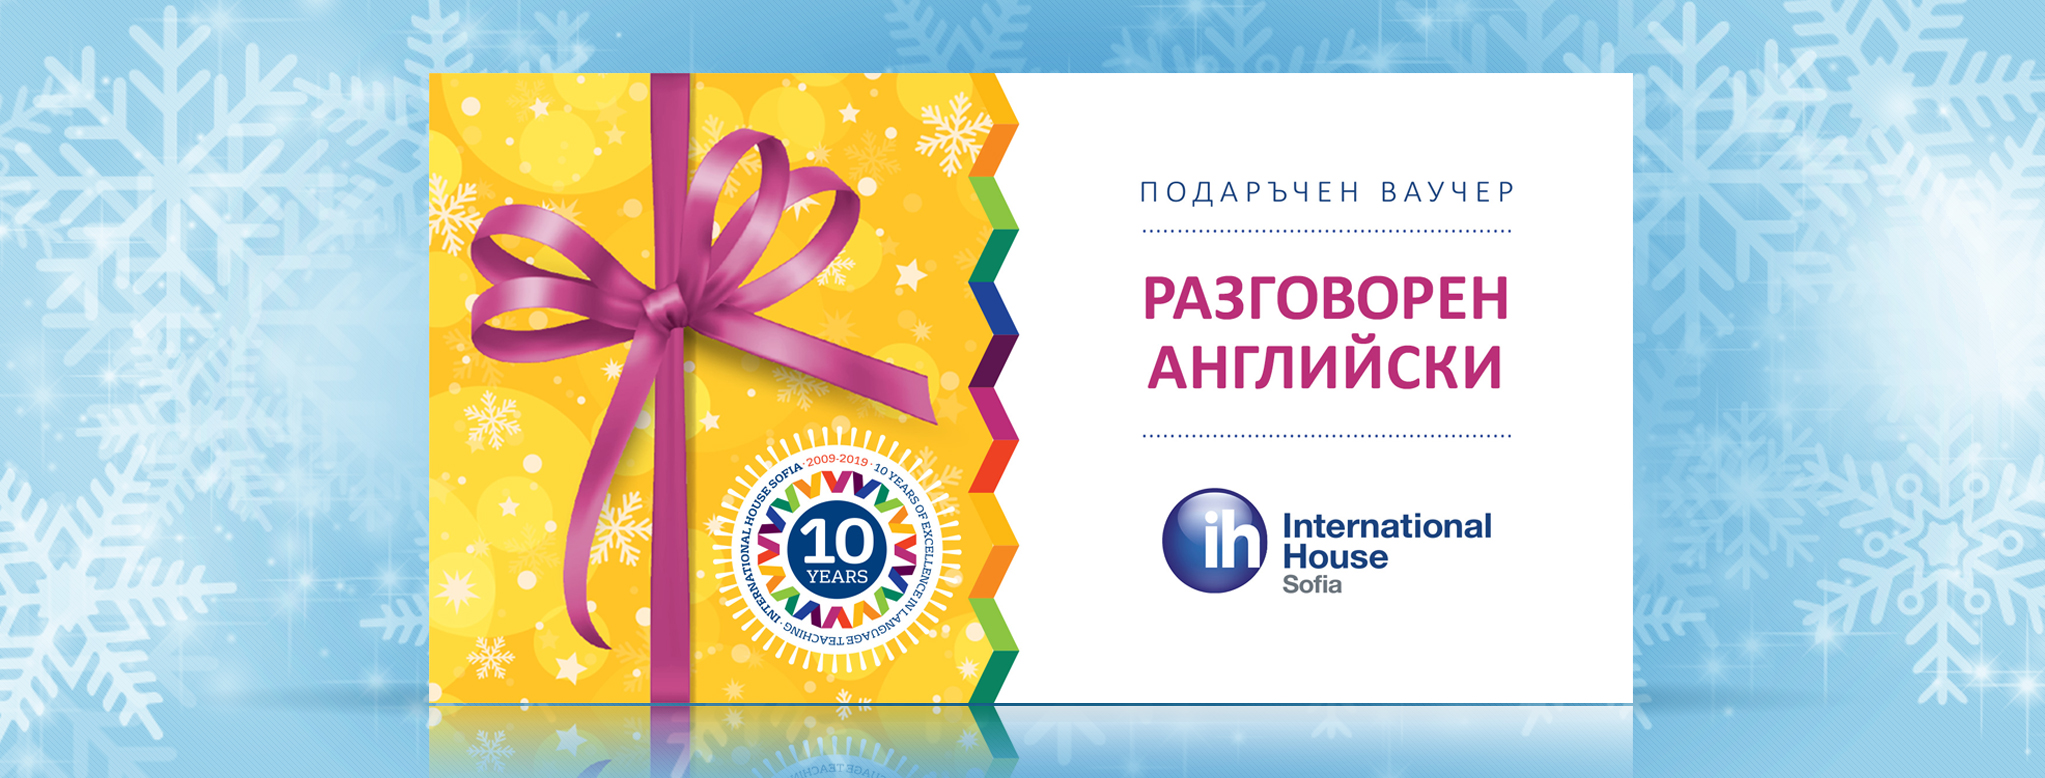 Коледен подаръчен ваучер от IH Sofia